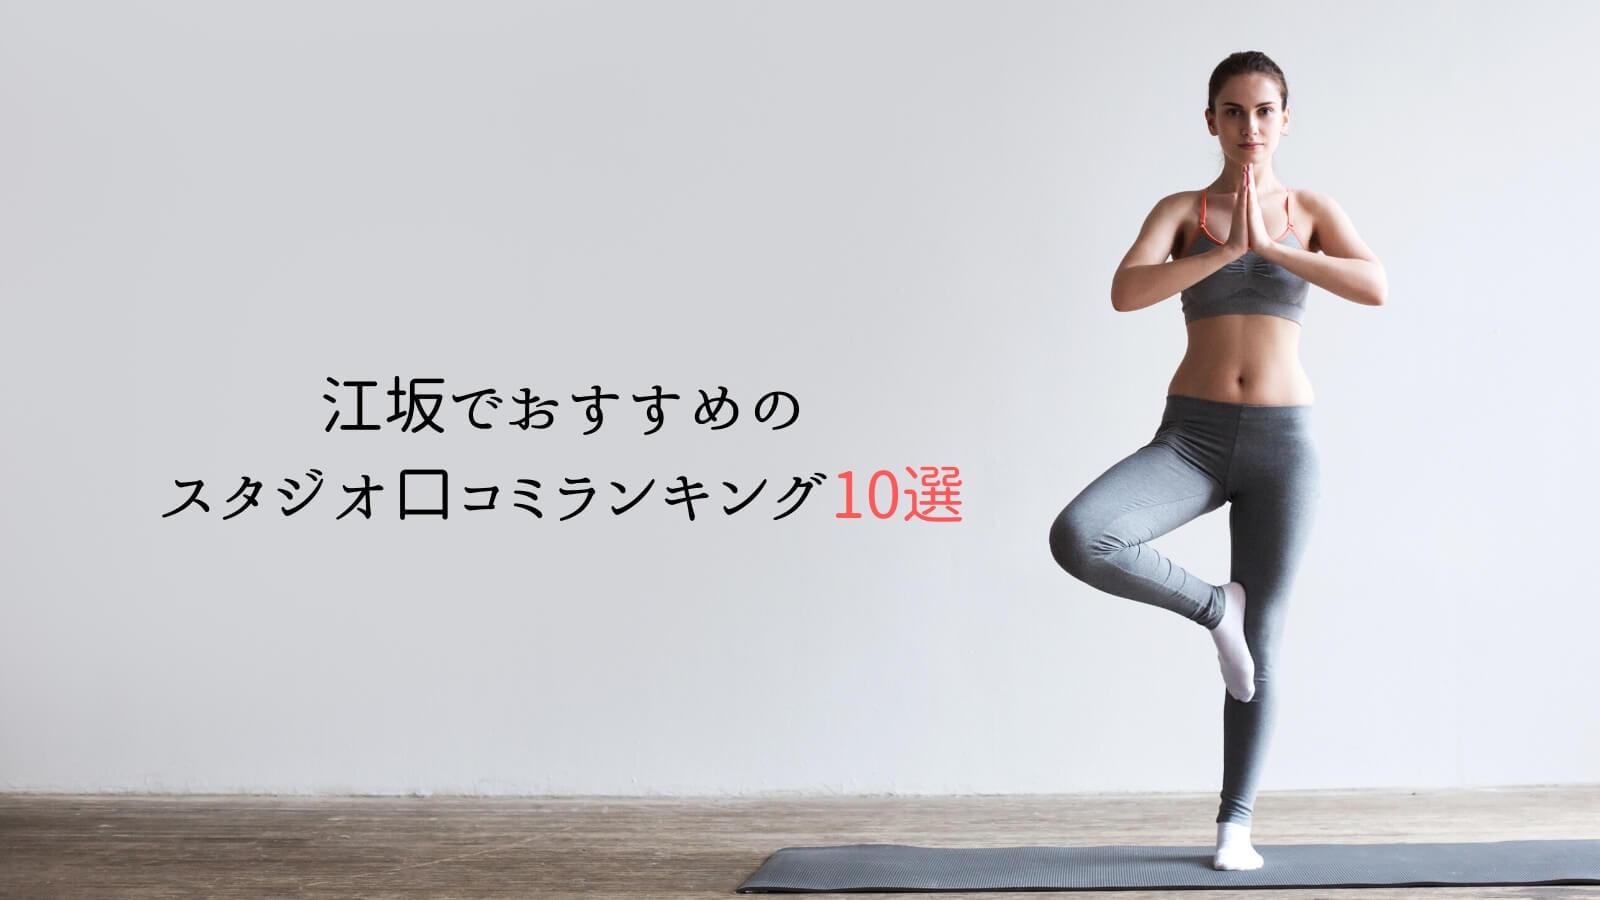 江坂でおすすめのヨガ・ホットヨガスタジオ口コミランキング10選